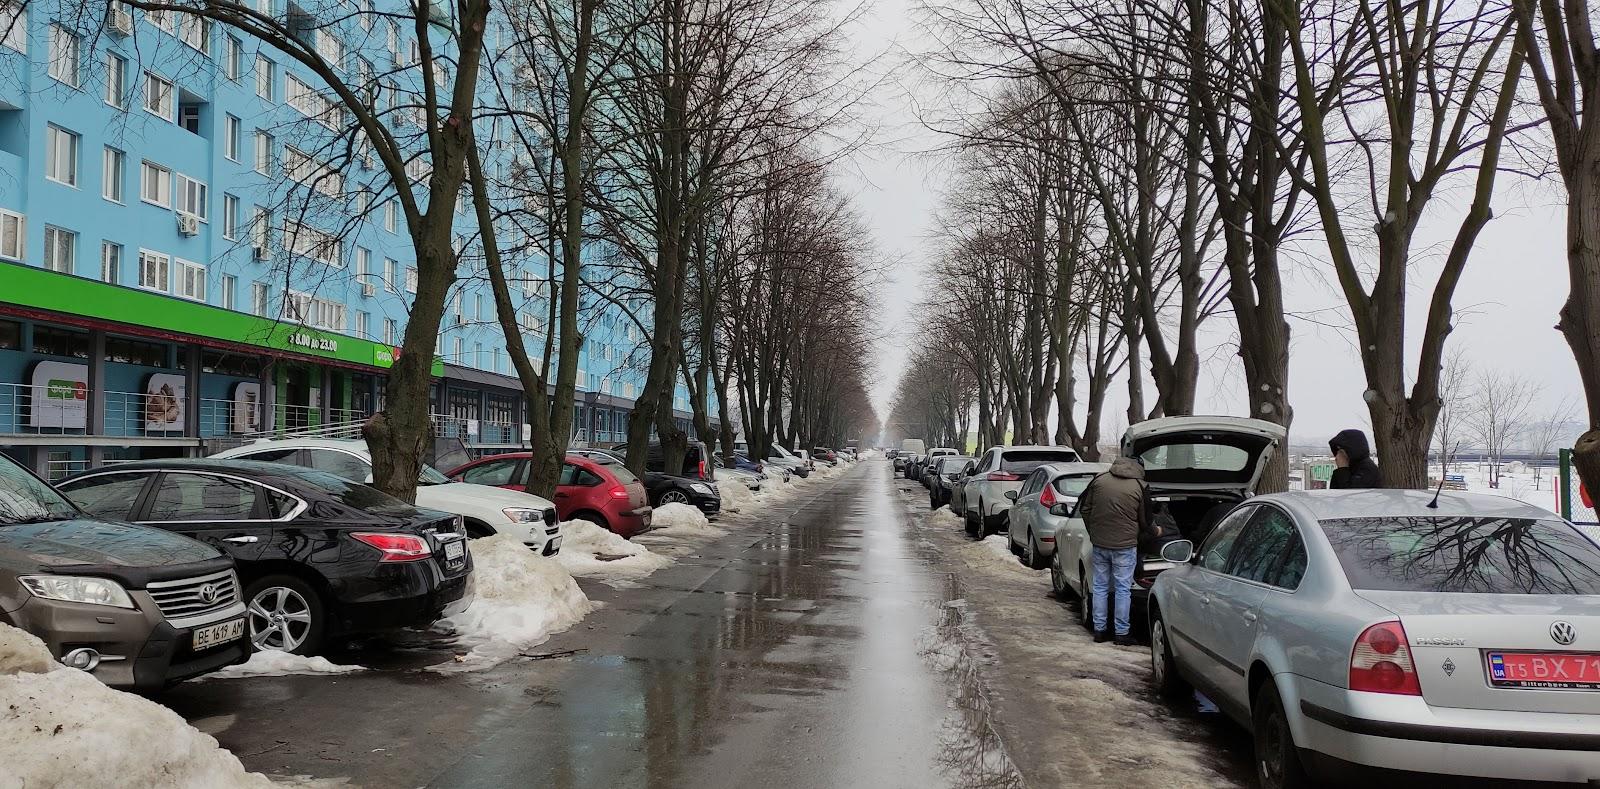 """Якщо у вашій уяві слово """"бульвар"""" асоціюється з лавками під деревами, де можна сісти відпочити, чи тінистою алеєю, де неквапливо прогулюються люди – то ваша уява розшириться. Бульвар сьогодні – це також місце, де впритул до дерев у два-три ряди запарковані авто, а алея служить їм транзитною дорогою. Люди тут можуть """"прогулятися"""" узбіччям"""